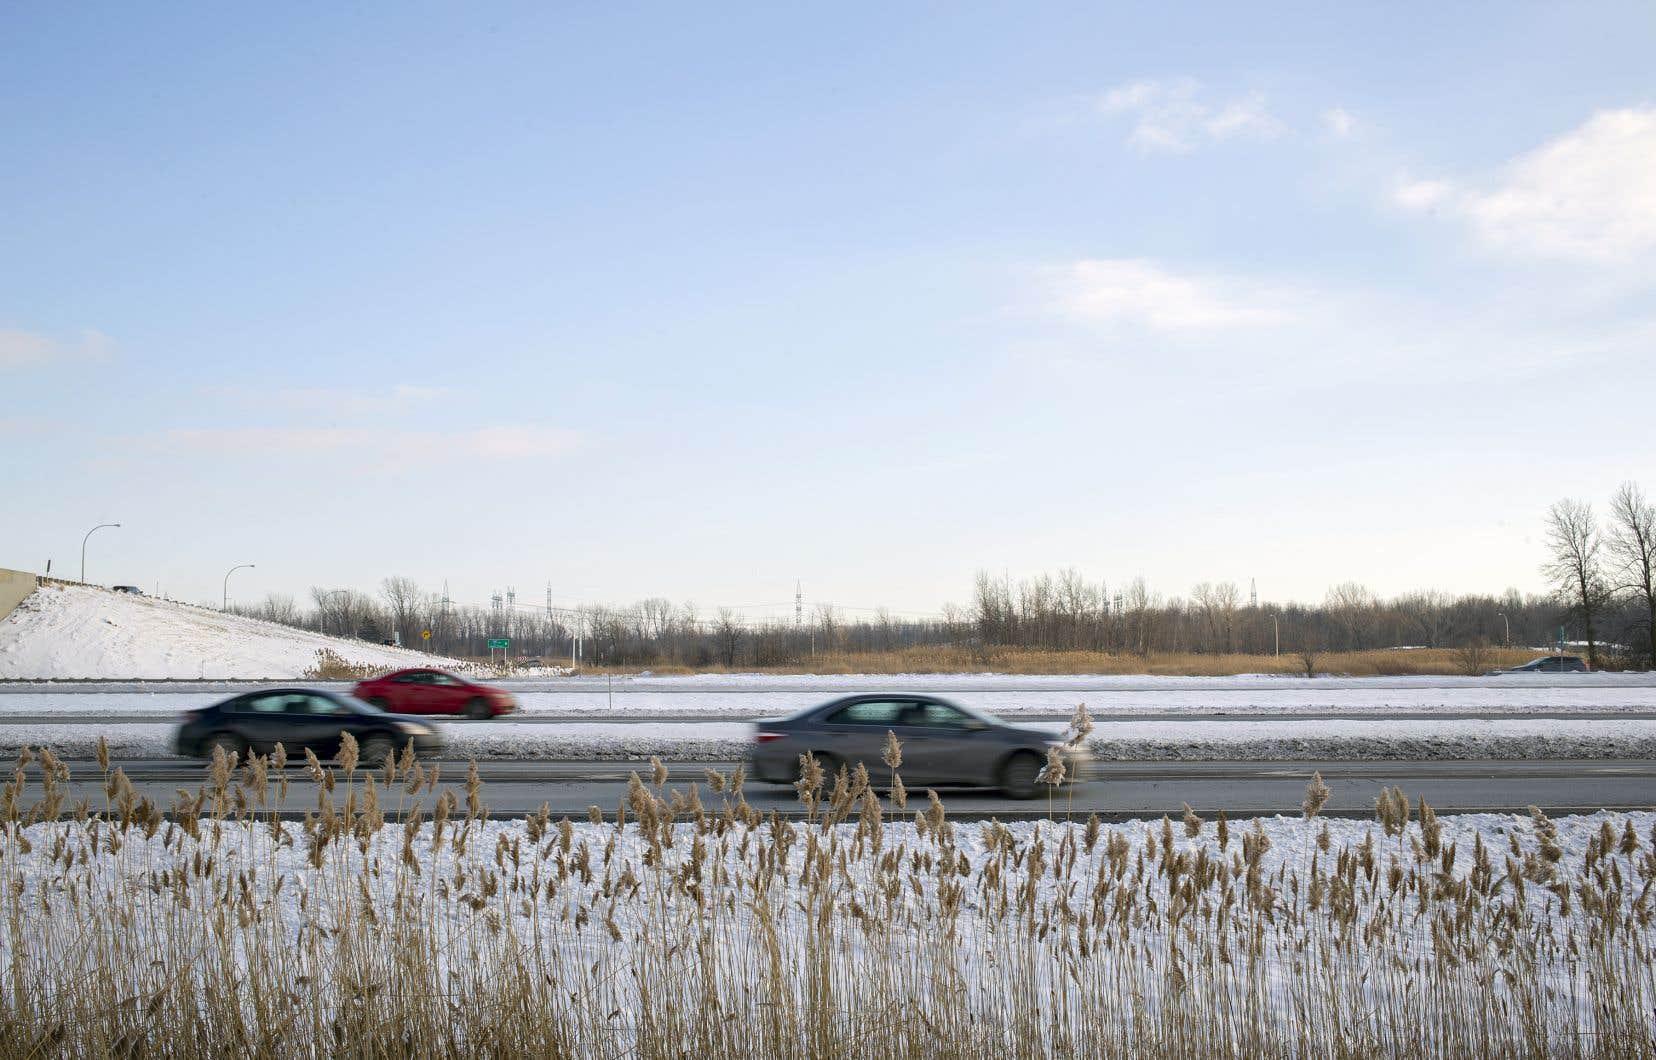 Québec a indiqué, dans son plan d'infrastructures 2017-2018, qu'il étudierait le projet d'élargir l'A30 pour permettre aux voitures de circuler sur trois voies dans chaque direction.